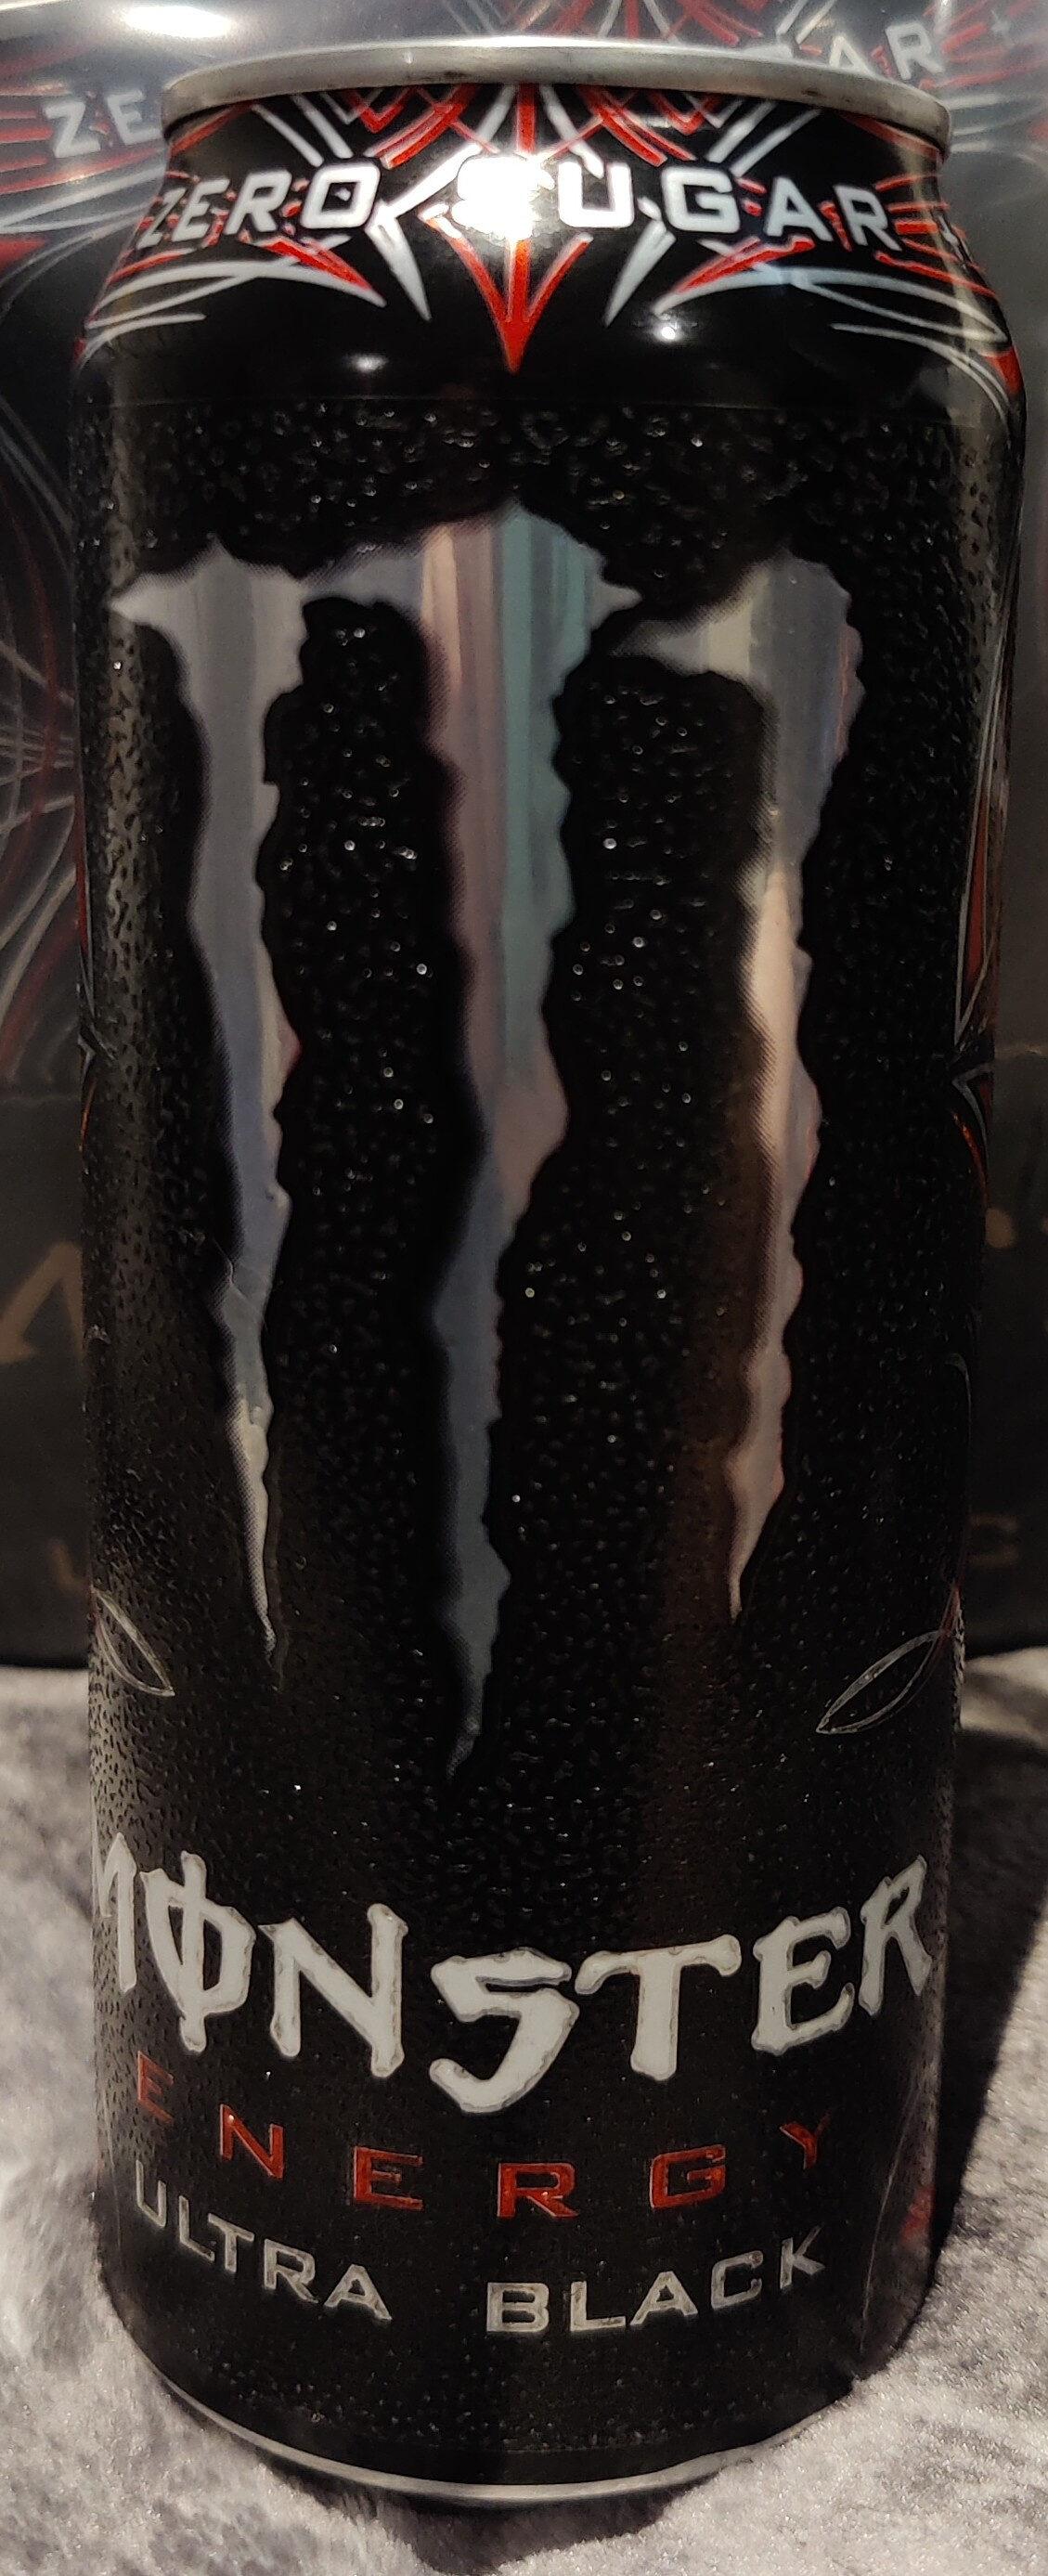 Ultra Black - Product - en